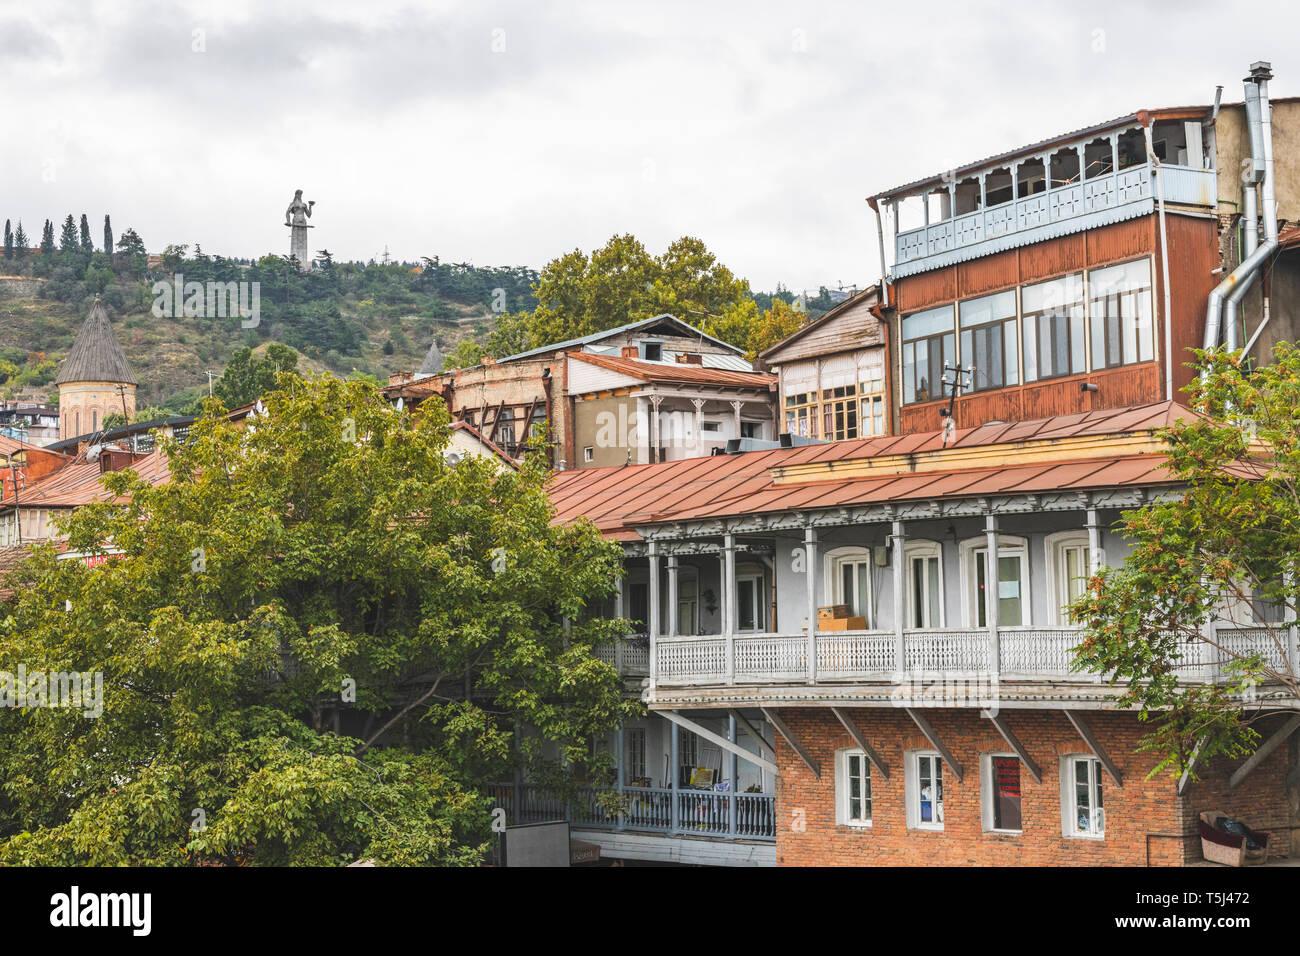 Georgia, Tbilisi, view from the old town to Kartlis Deda monumental statue Stock Photo